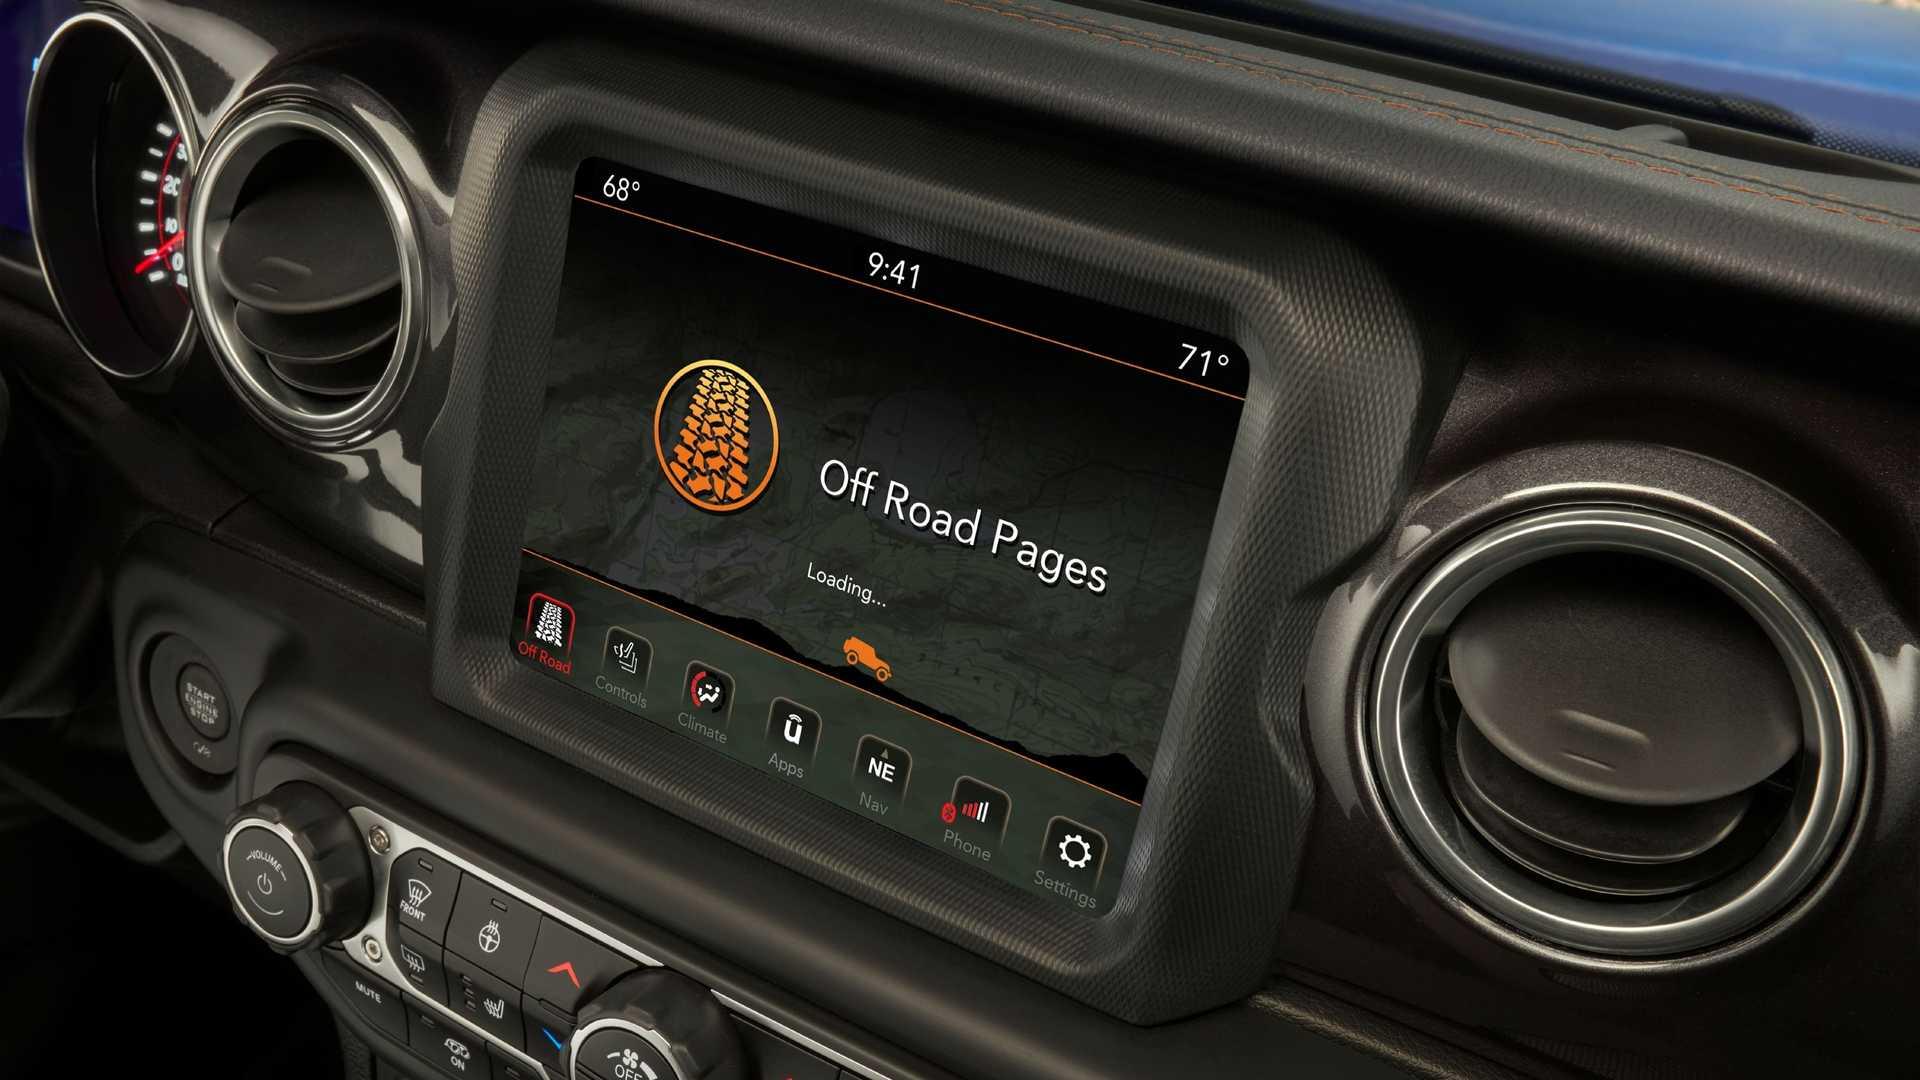 2021-jeep-wrangler-rubicon-392-interior-touchscreen